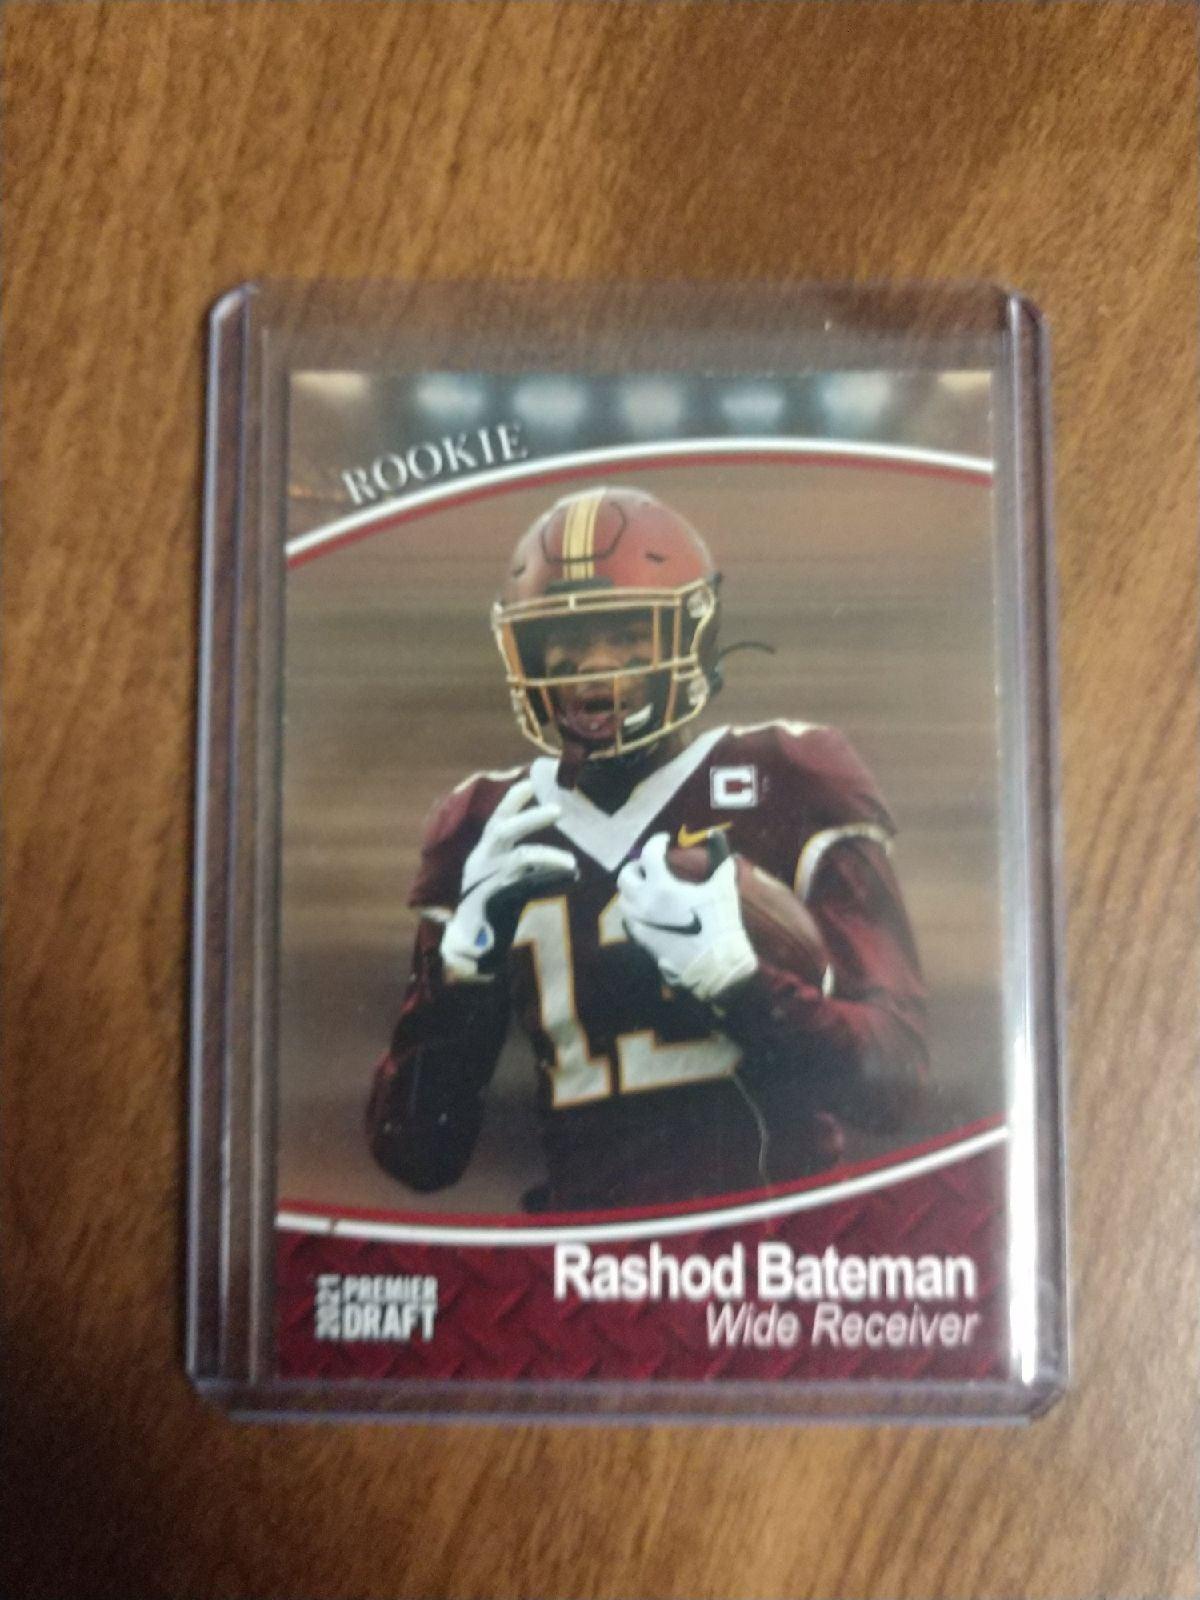 2021 Premier Draft Rashod Bateman Red